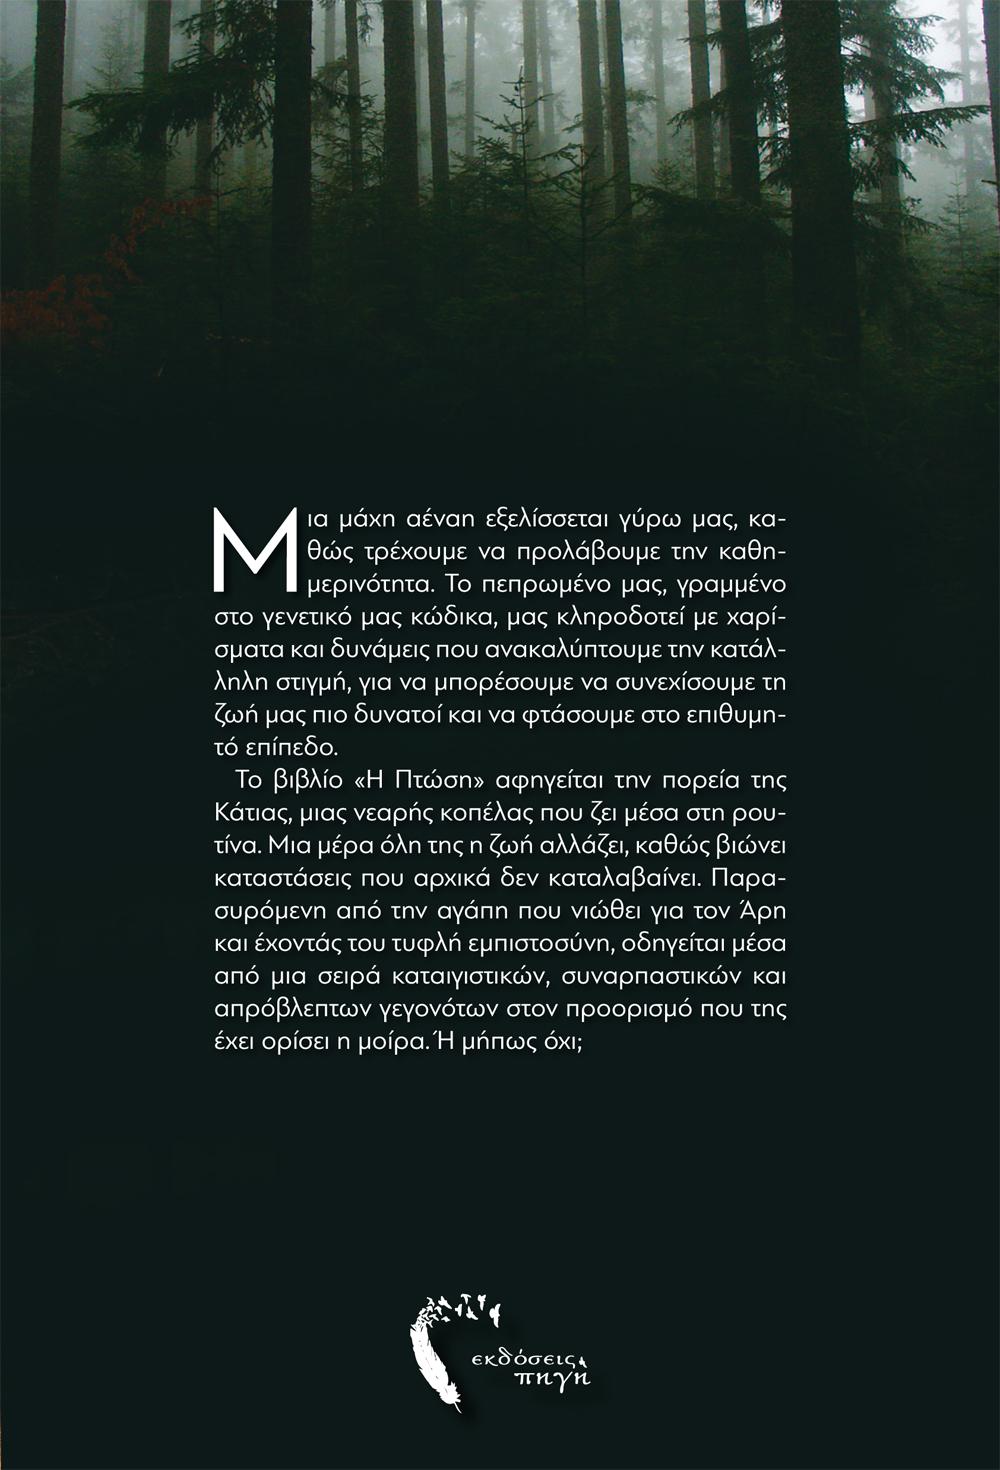 Αέναη μάχη (η πτώση), Άννα Σπανογιώργου, Εκδόσεις Πηγή - www.pigi.gr